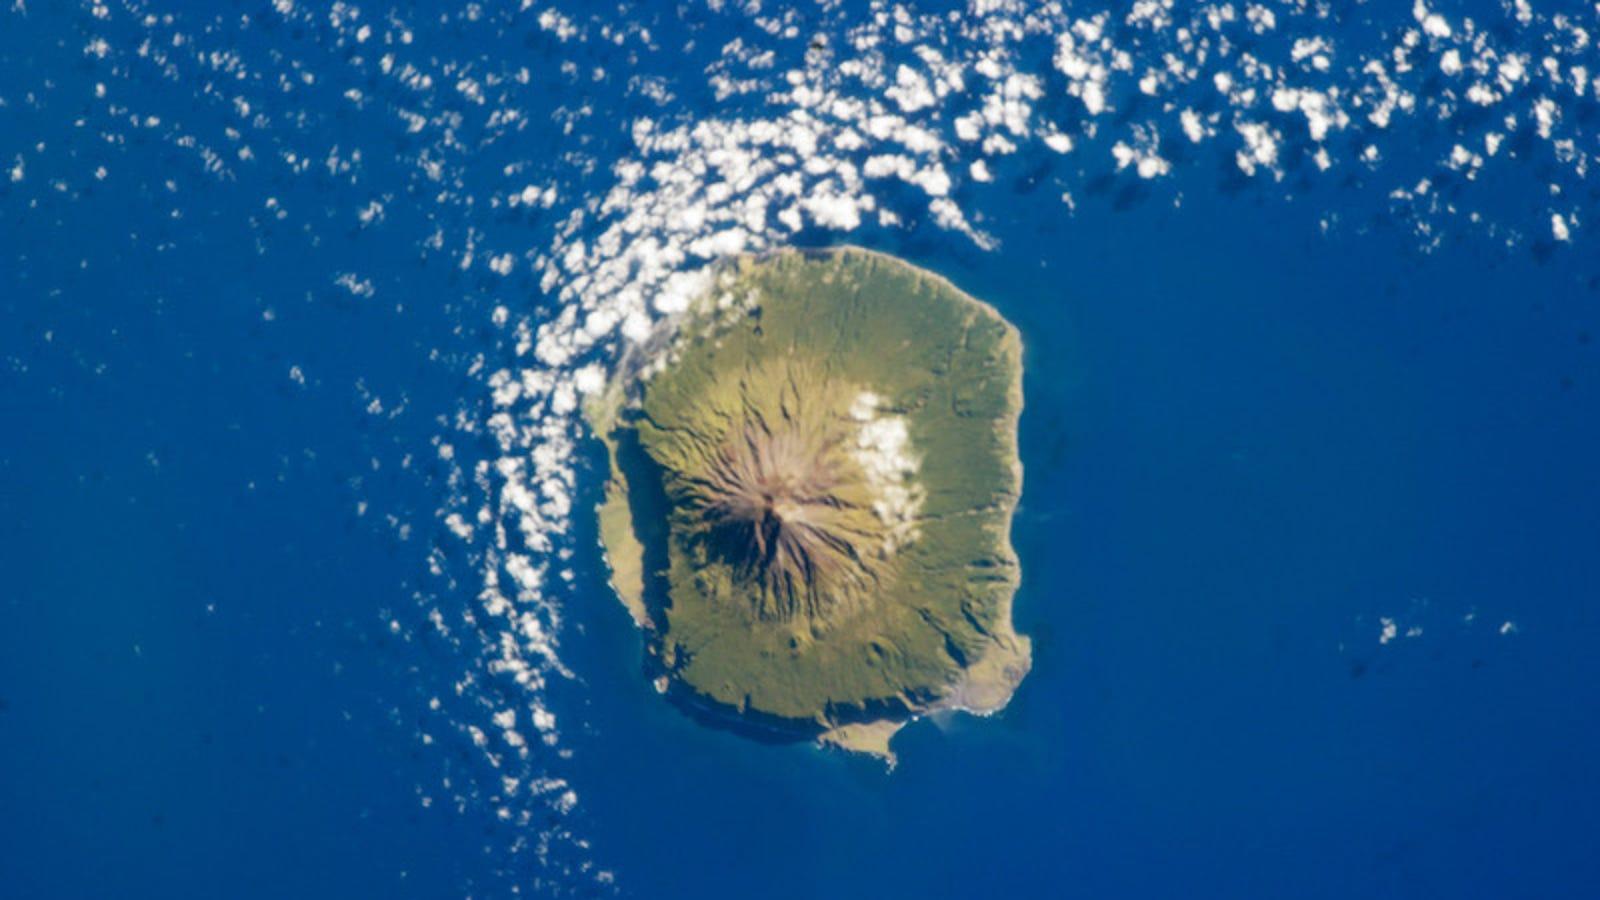 La isla más aislada del mundo busca profesores. Está a siete días del continente